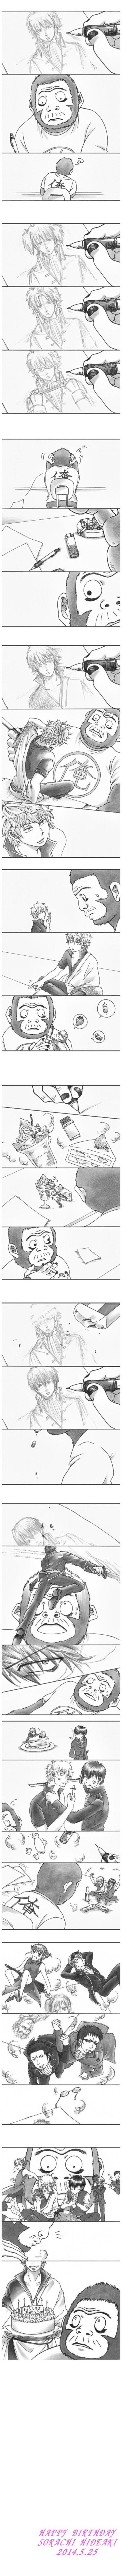 Gintama, Sorachi Hideaki